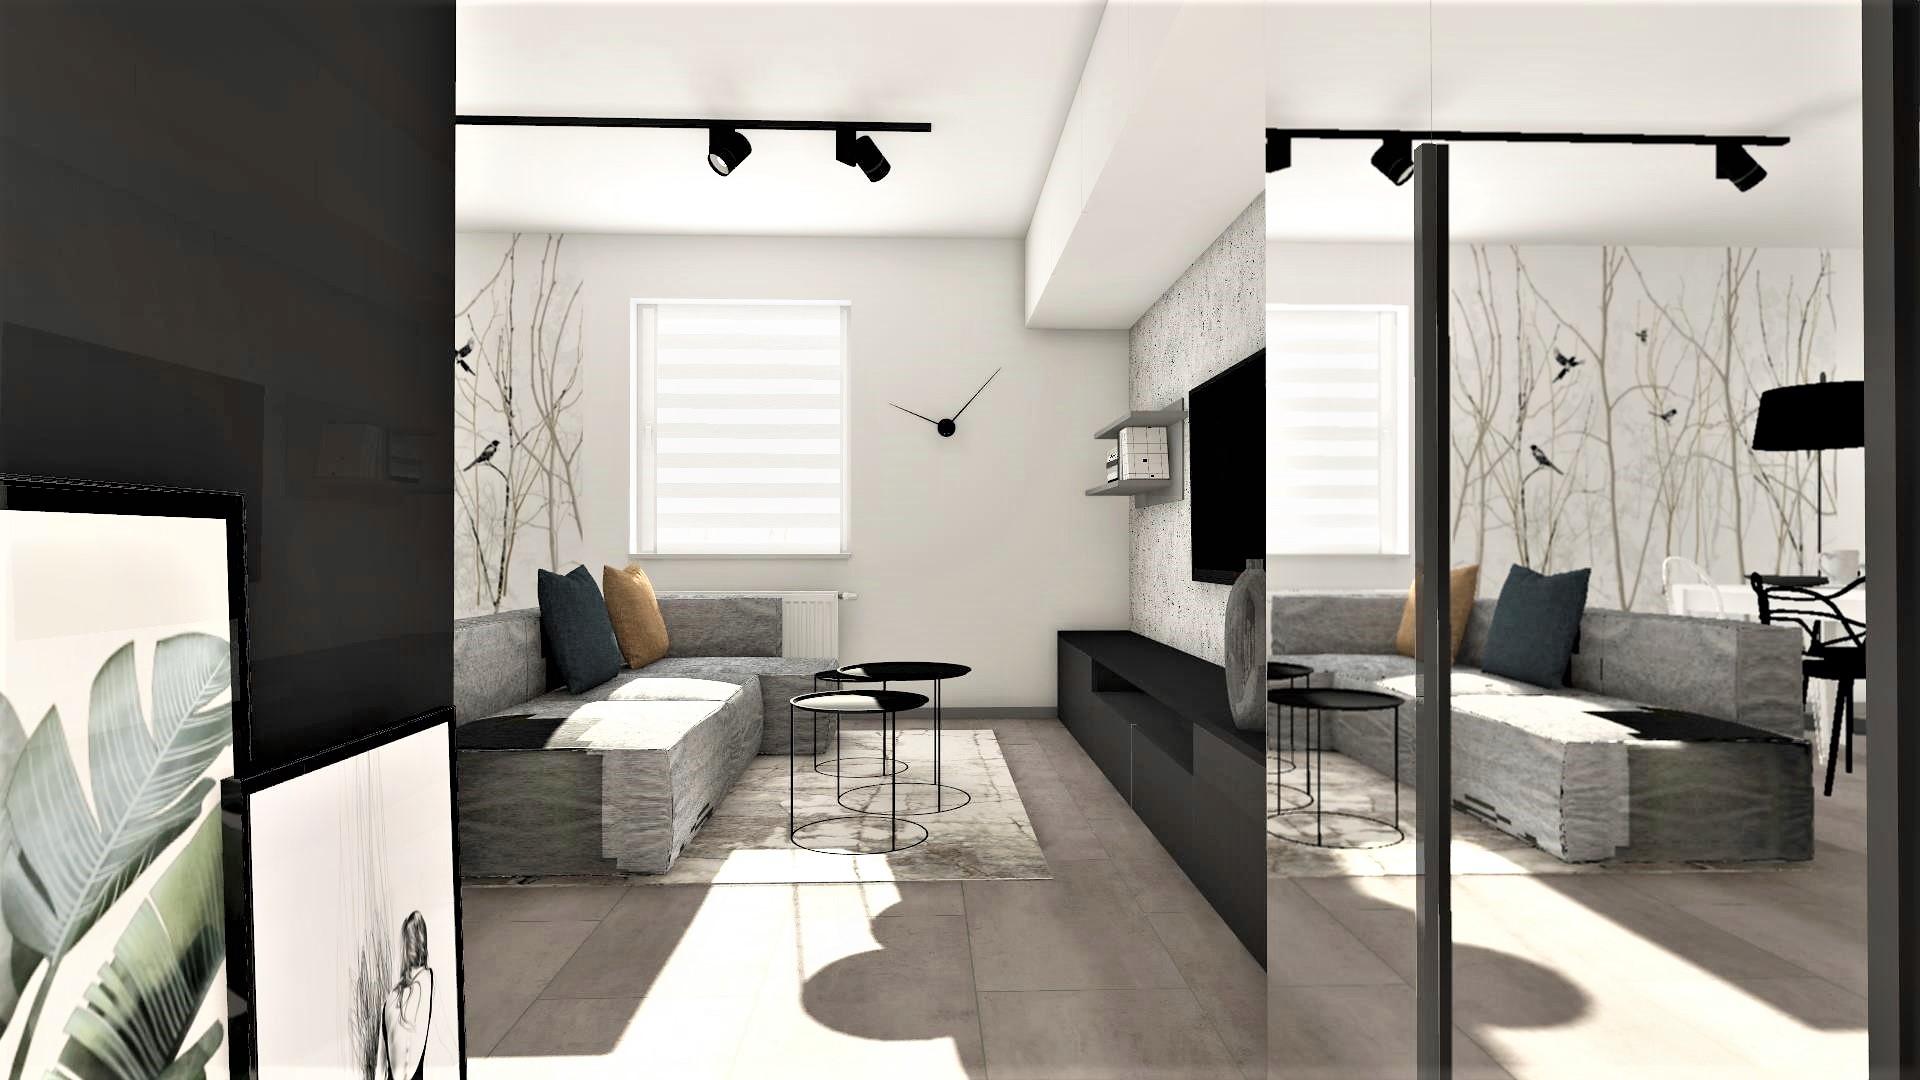 projekt_mieszkania_wnętrze_Lubin_Designbox_MałekMsalon